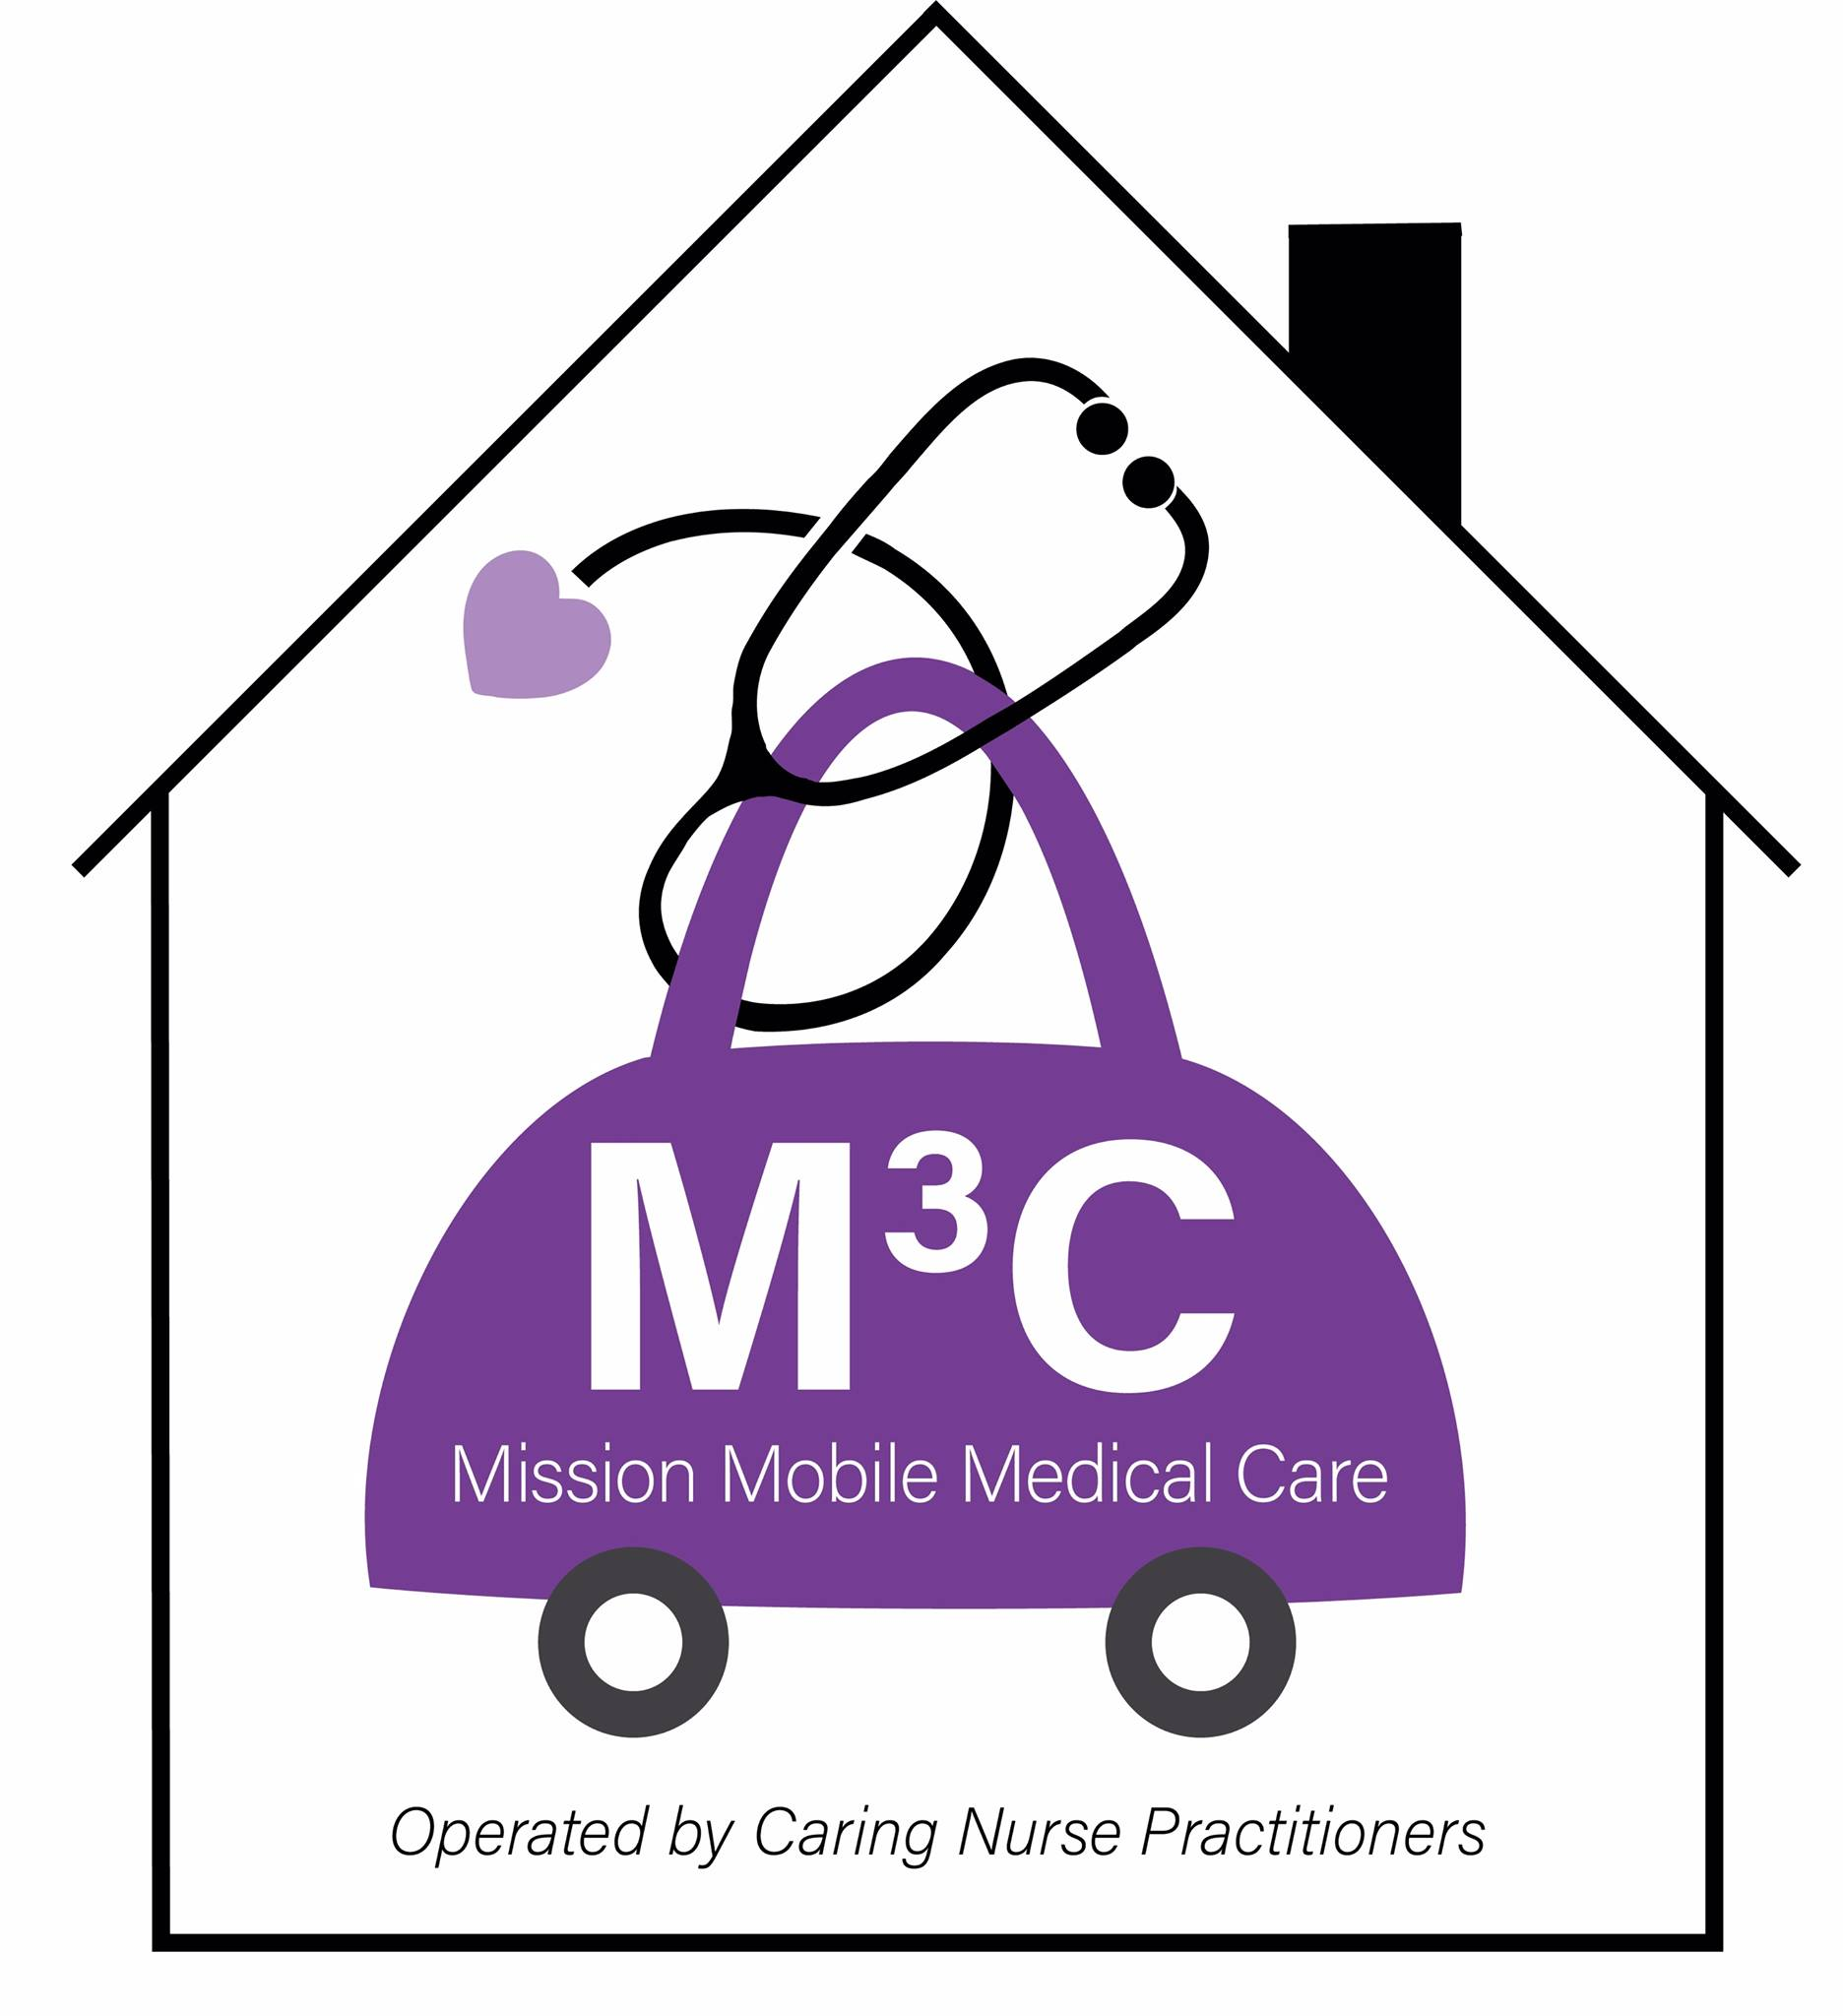 Mission Mobile Medical Care